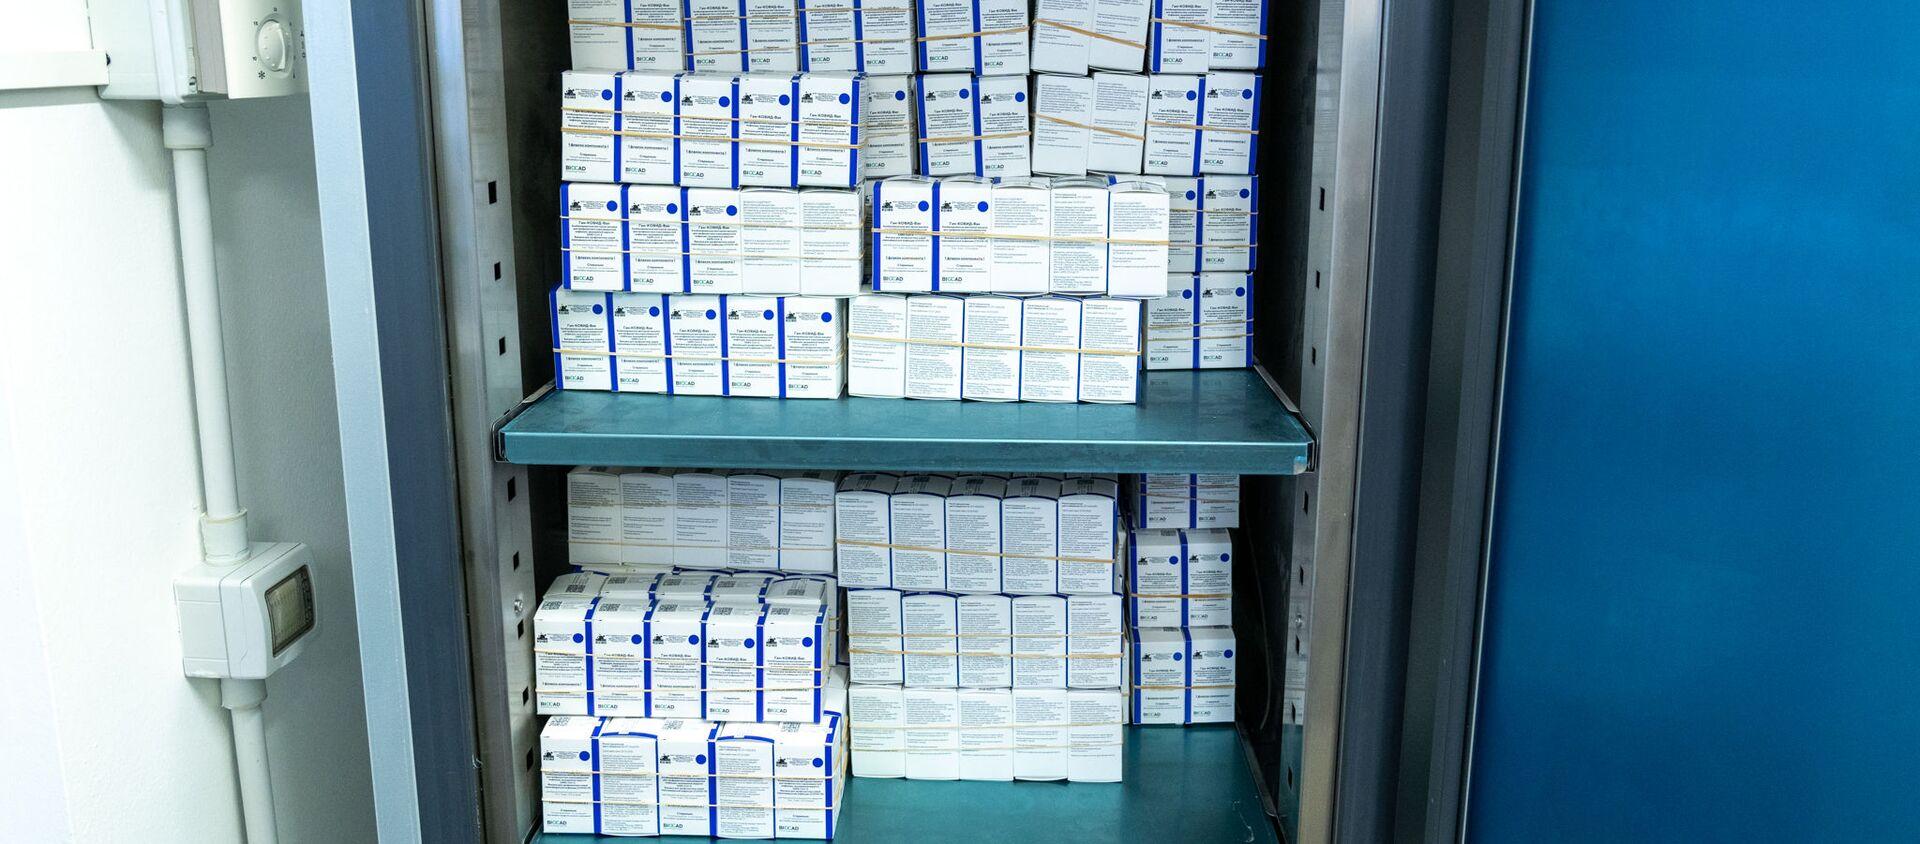 Il vaccino contro il coronavirus russo, Sputnik V, è a San Marino - Sputnik Italia, 1920, 15.03.2021